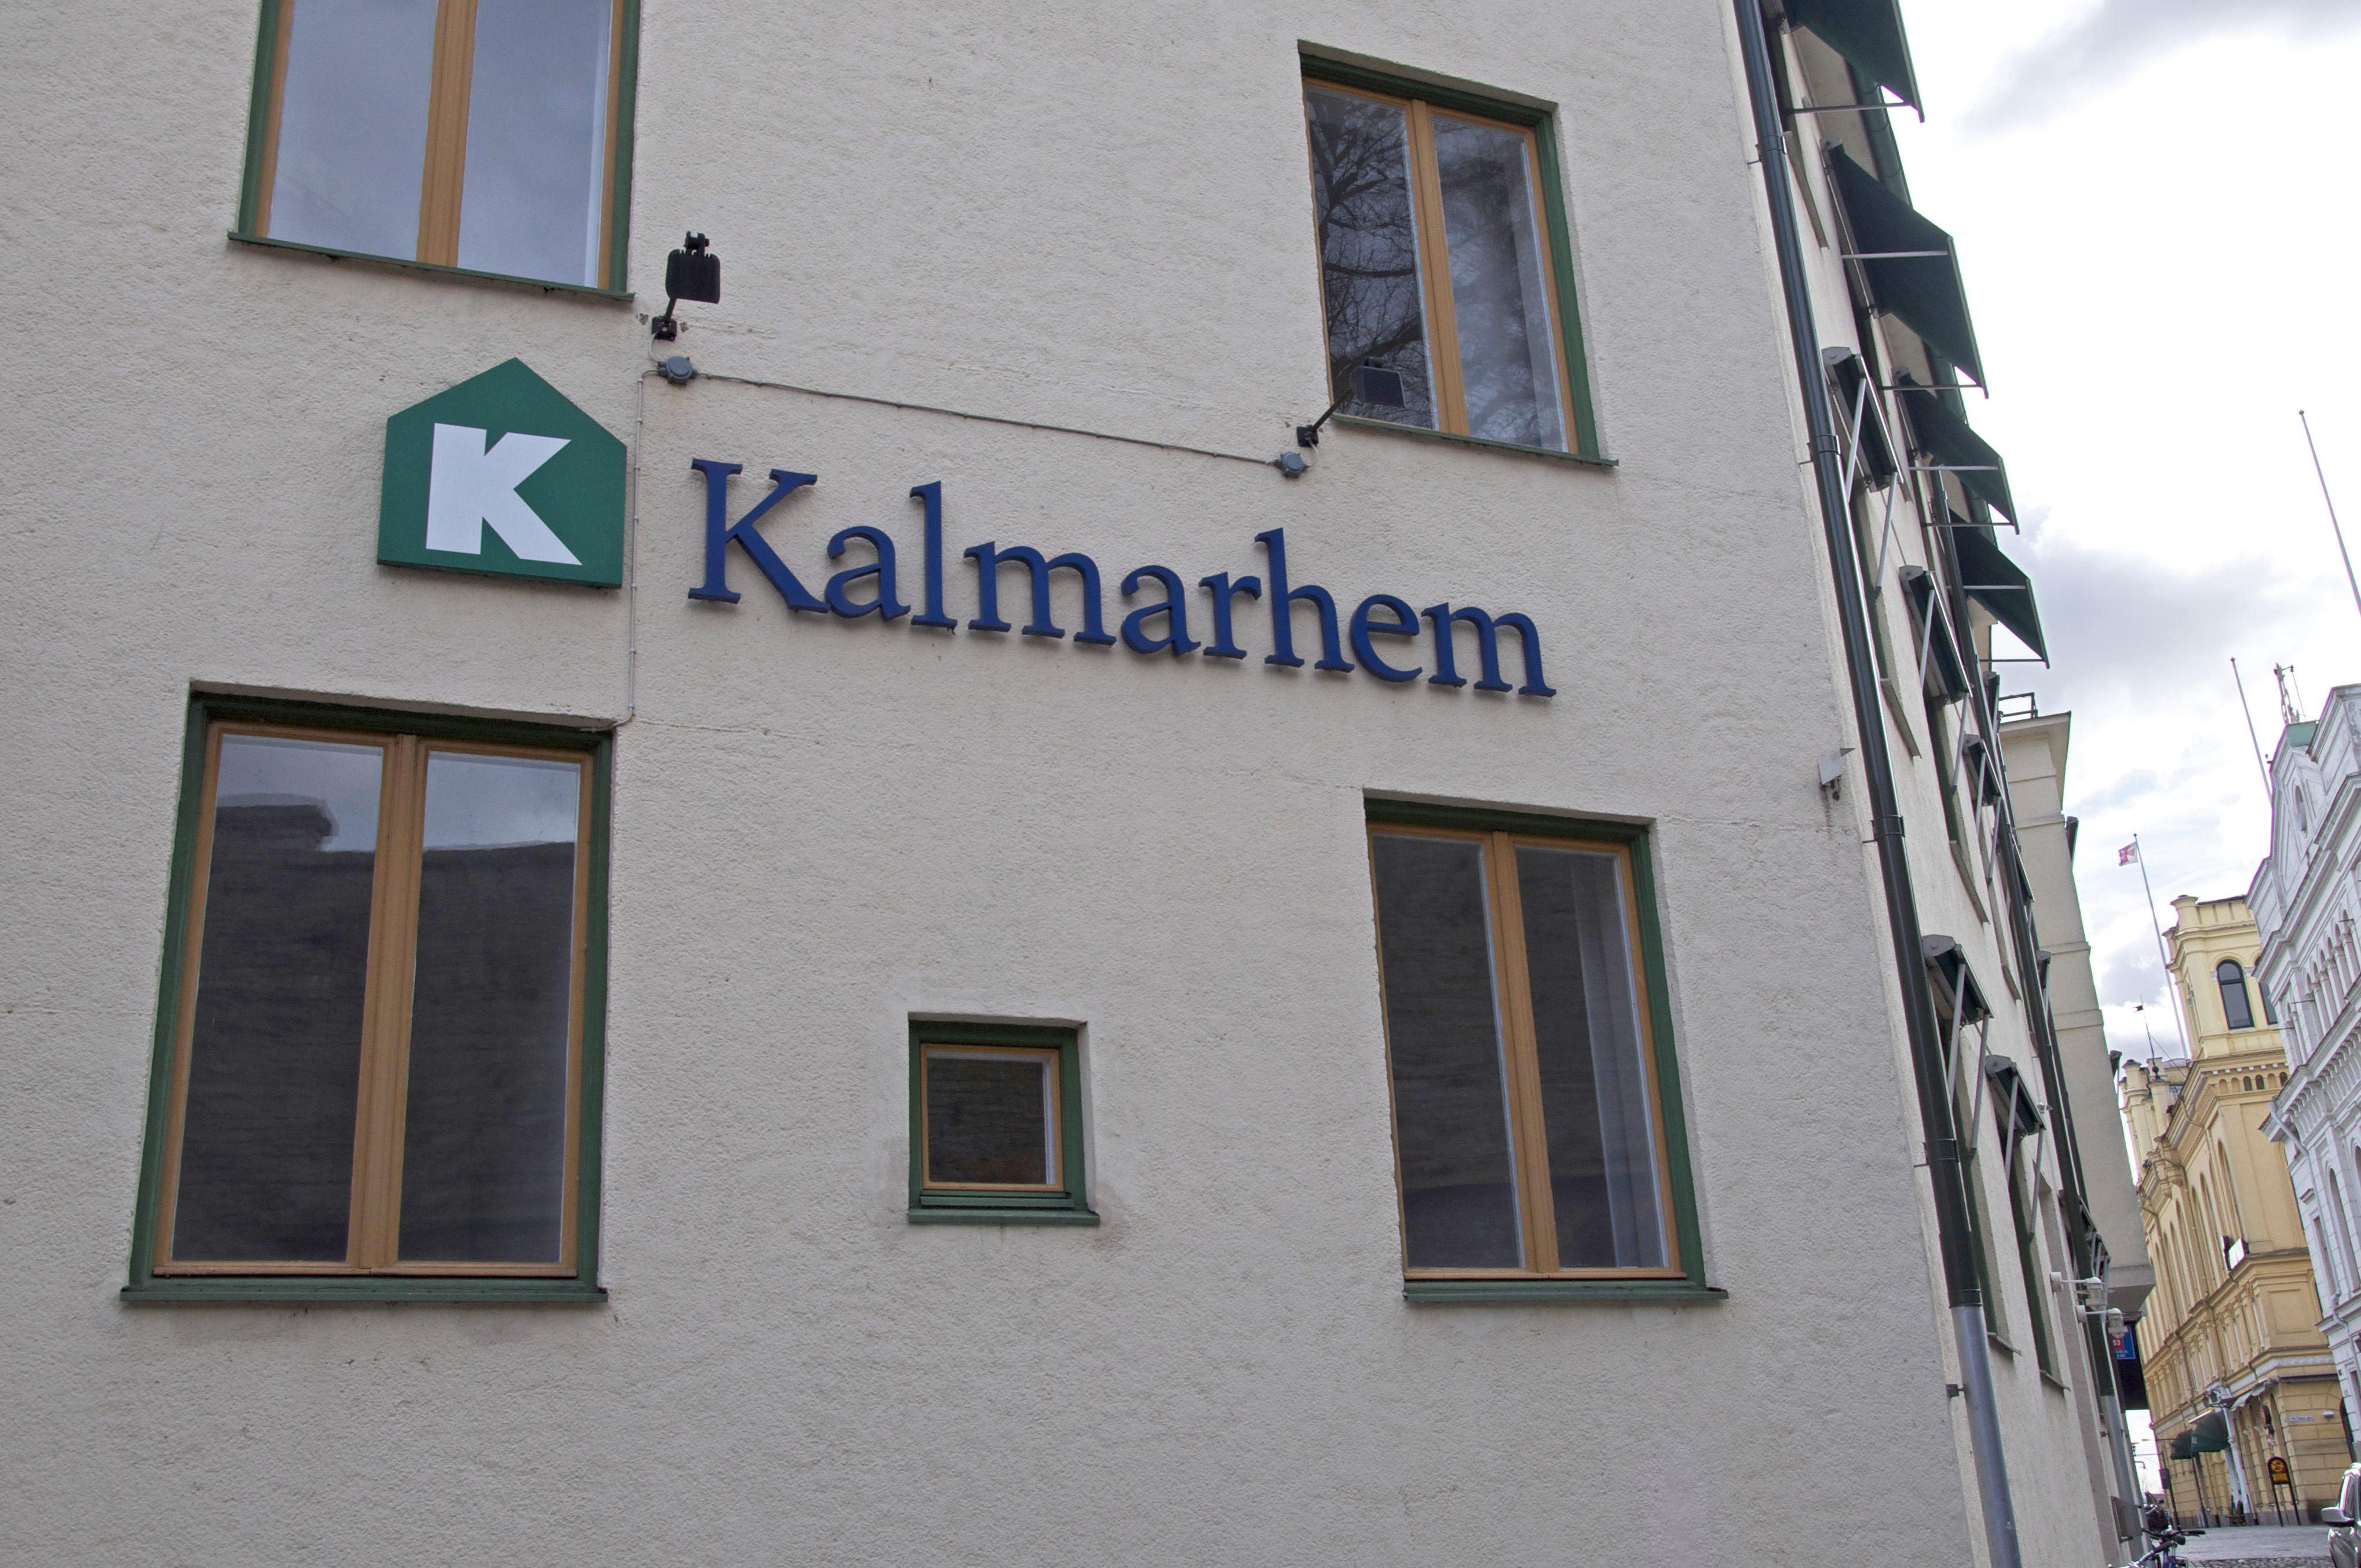 Kalmarhems kontor i Kalmar.